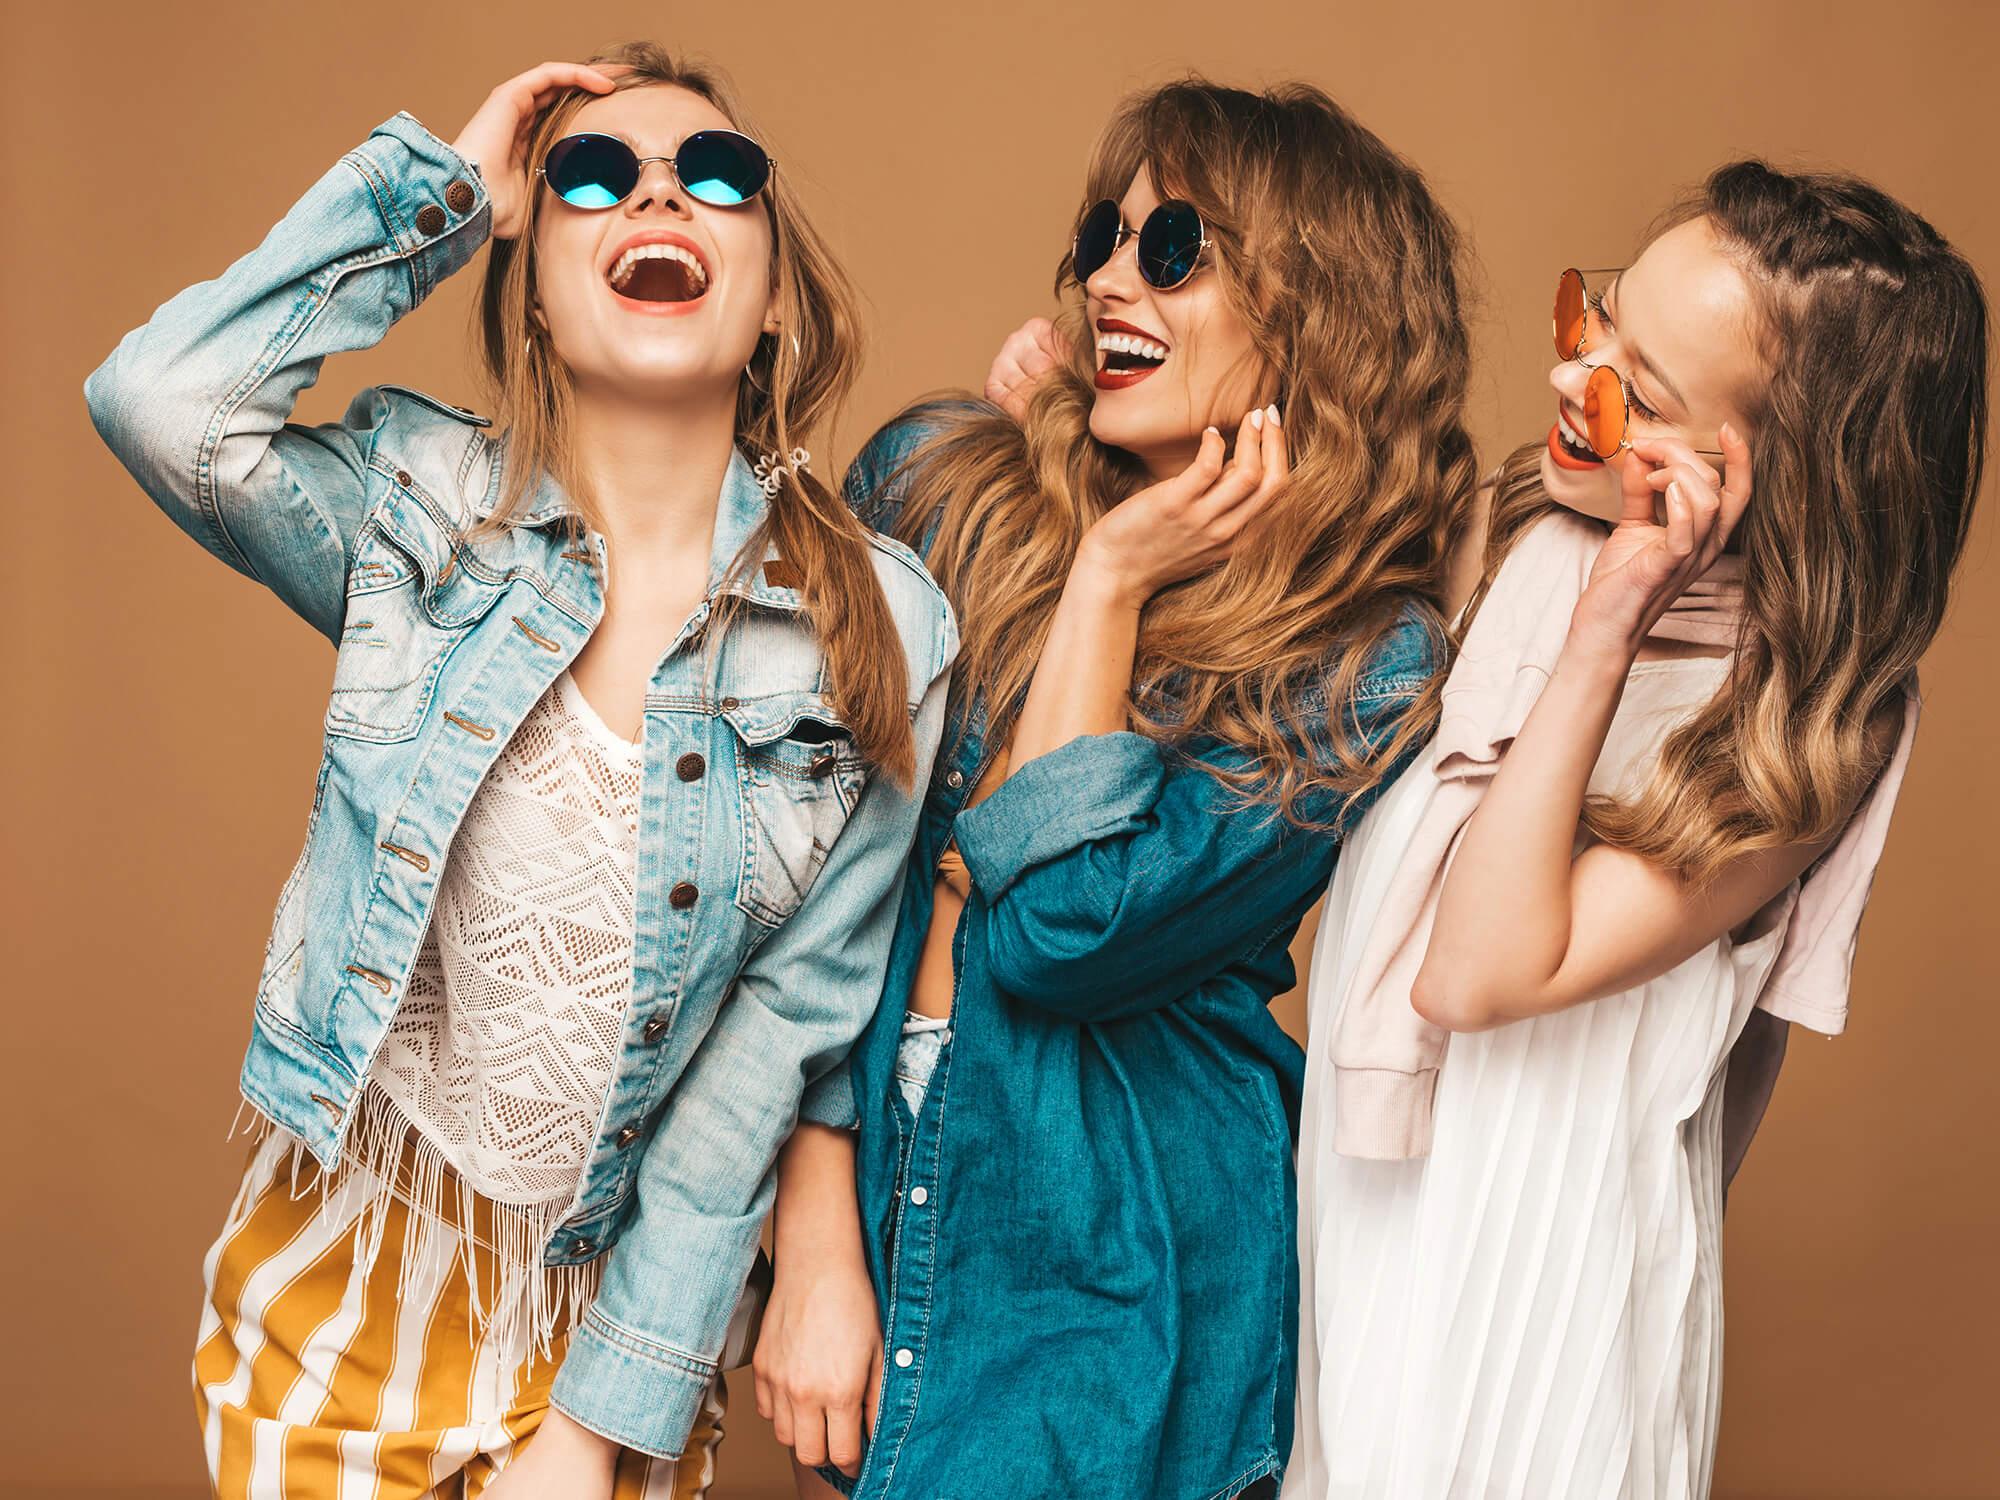 Top 5 temas para blogger de moda, moda, maquillaje, tendencia ...